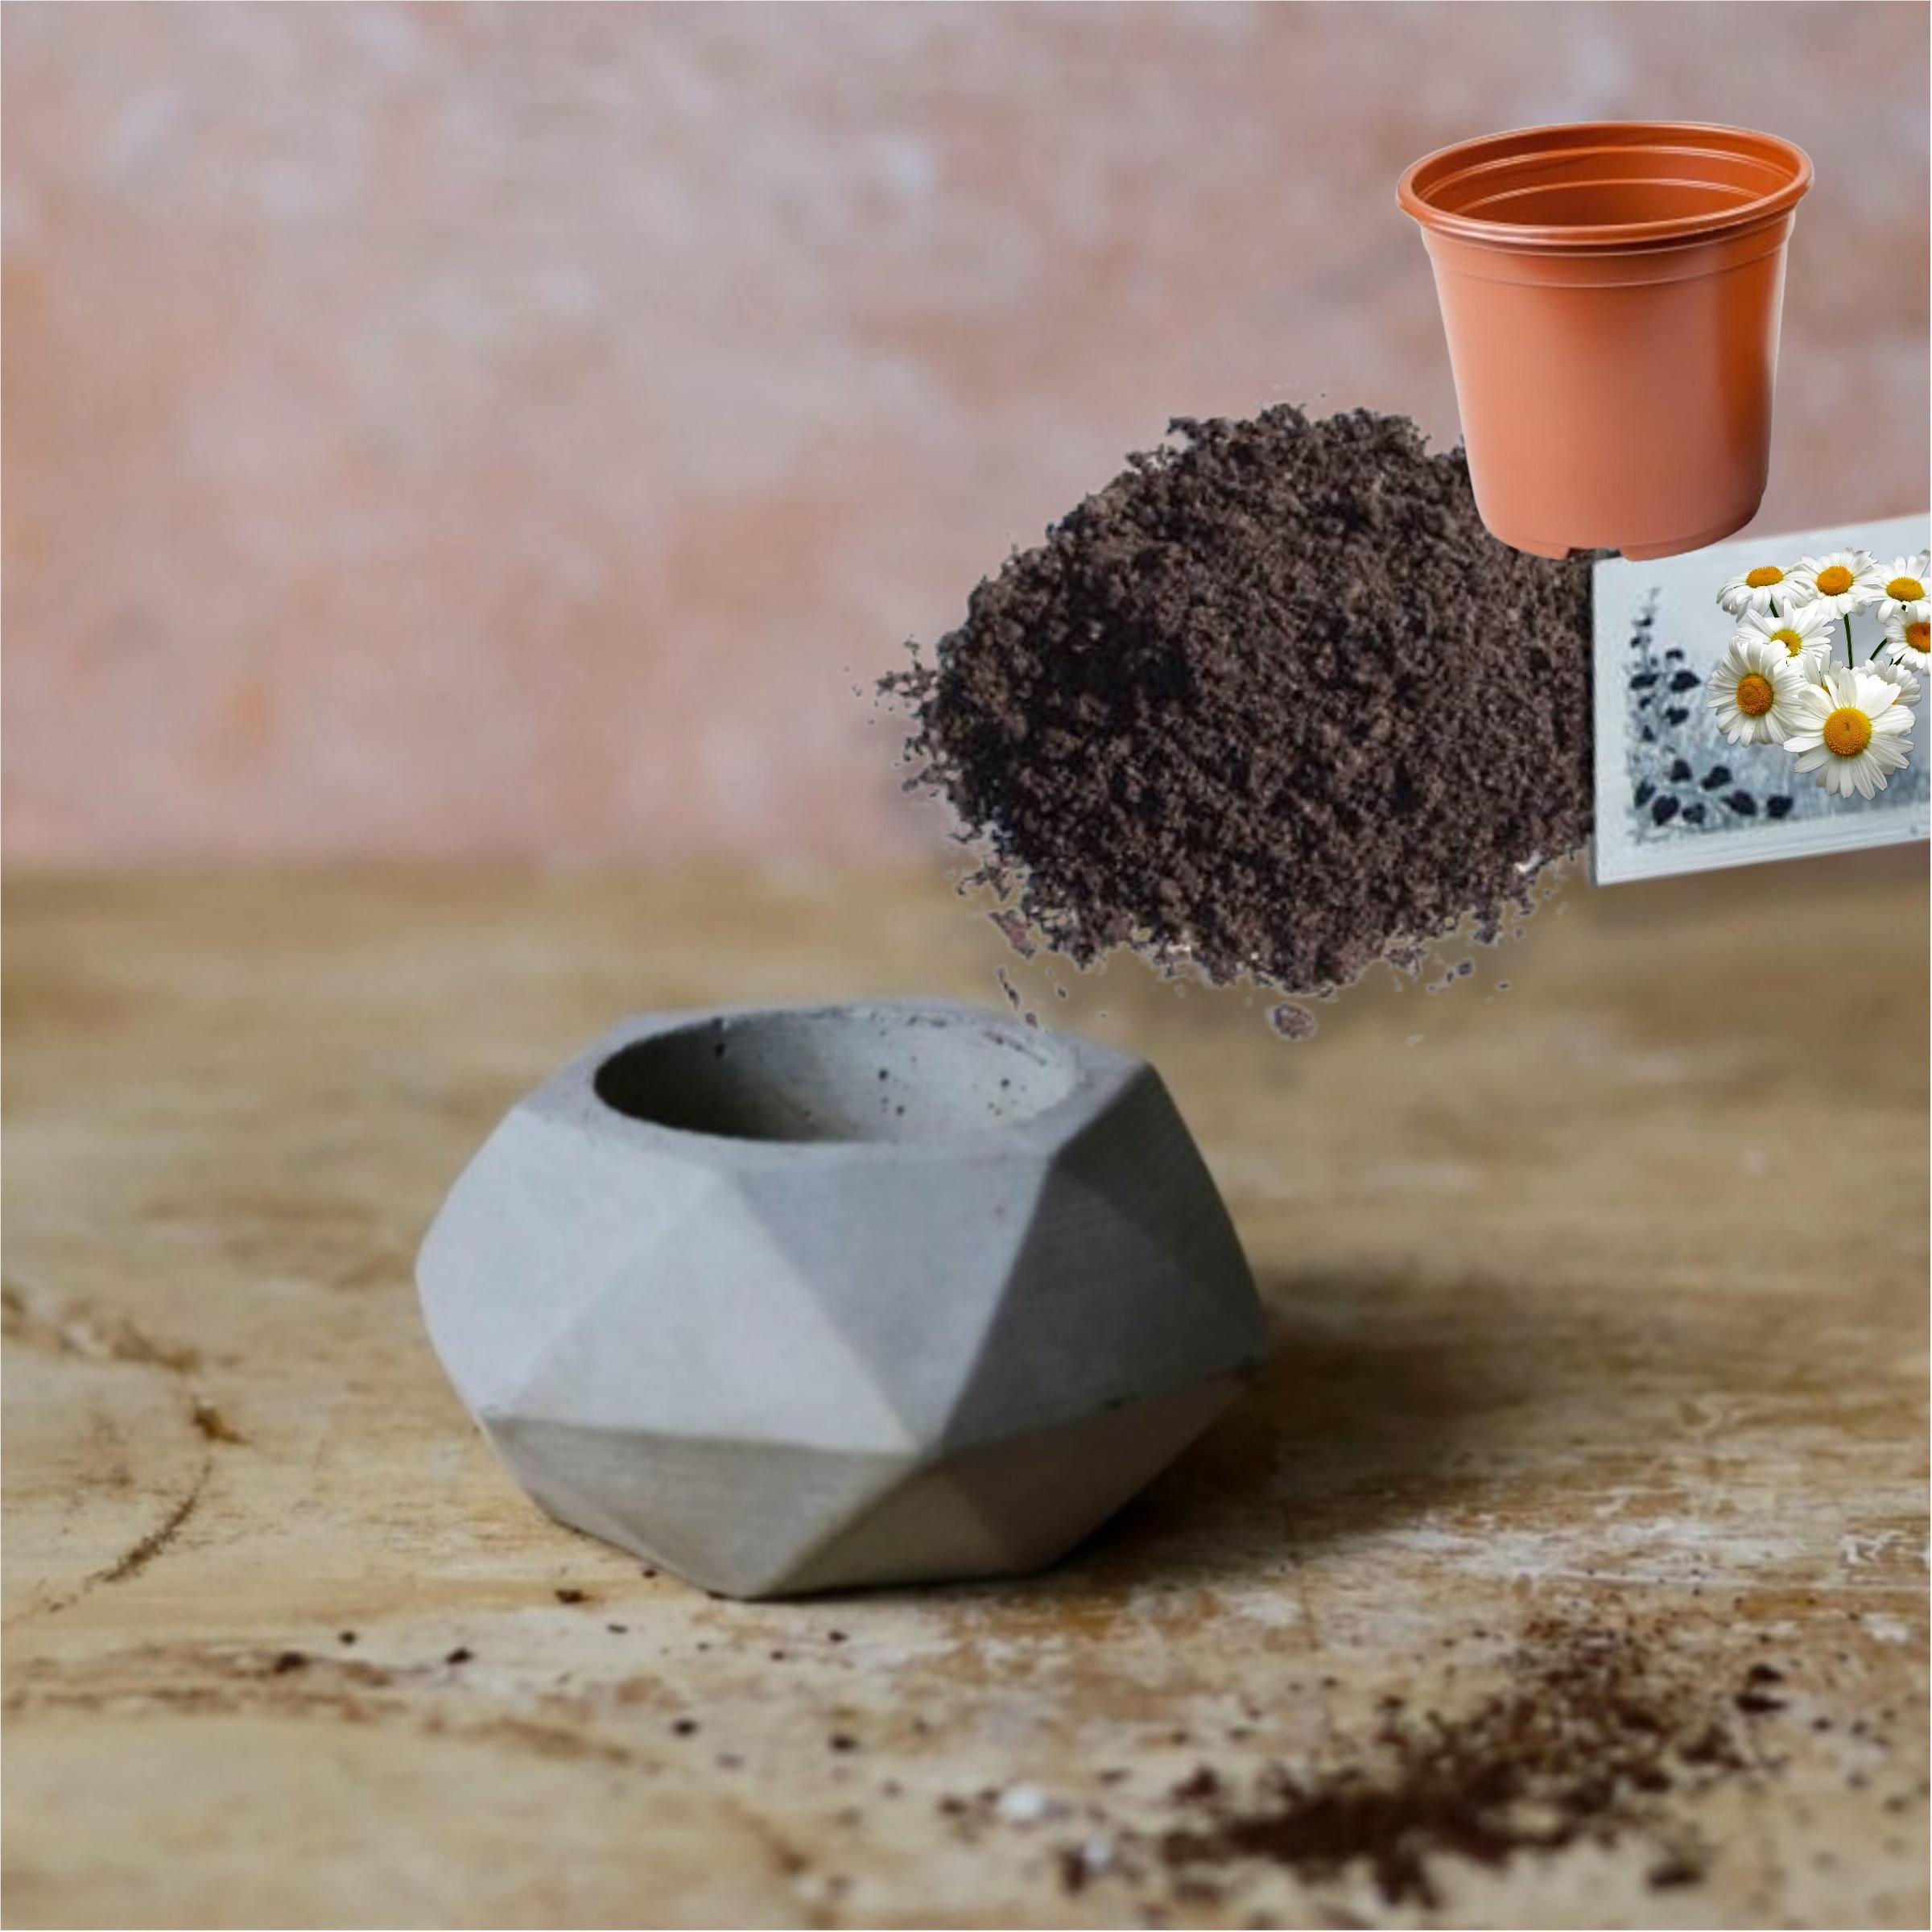 Hediyelik Beton Saksı ve Çiçek Yetiştirme Seti